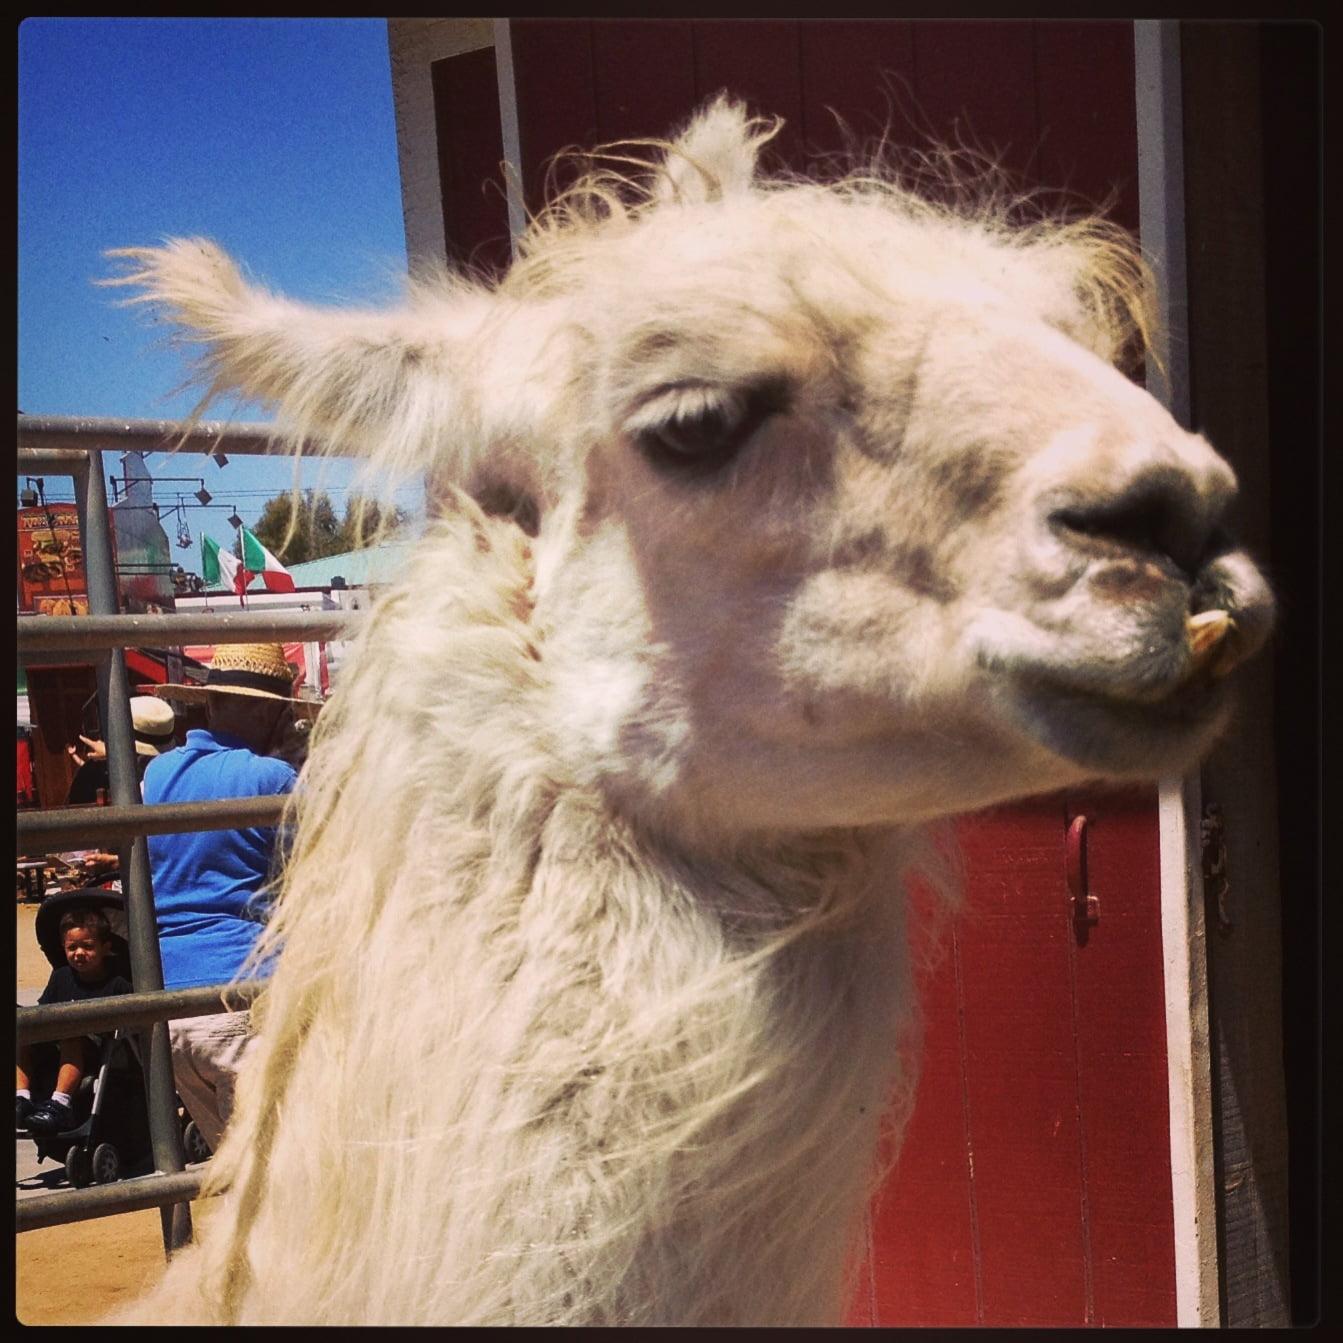 Llama. Image taken by Janine Nelson 2013.